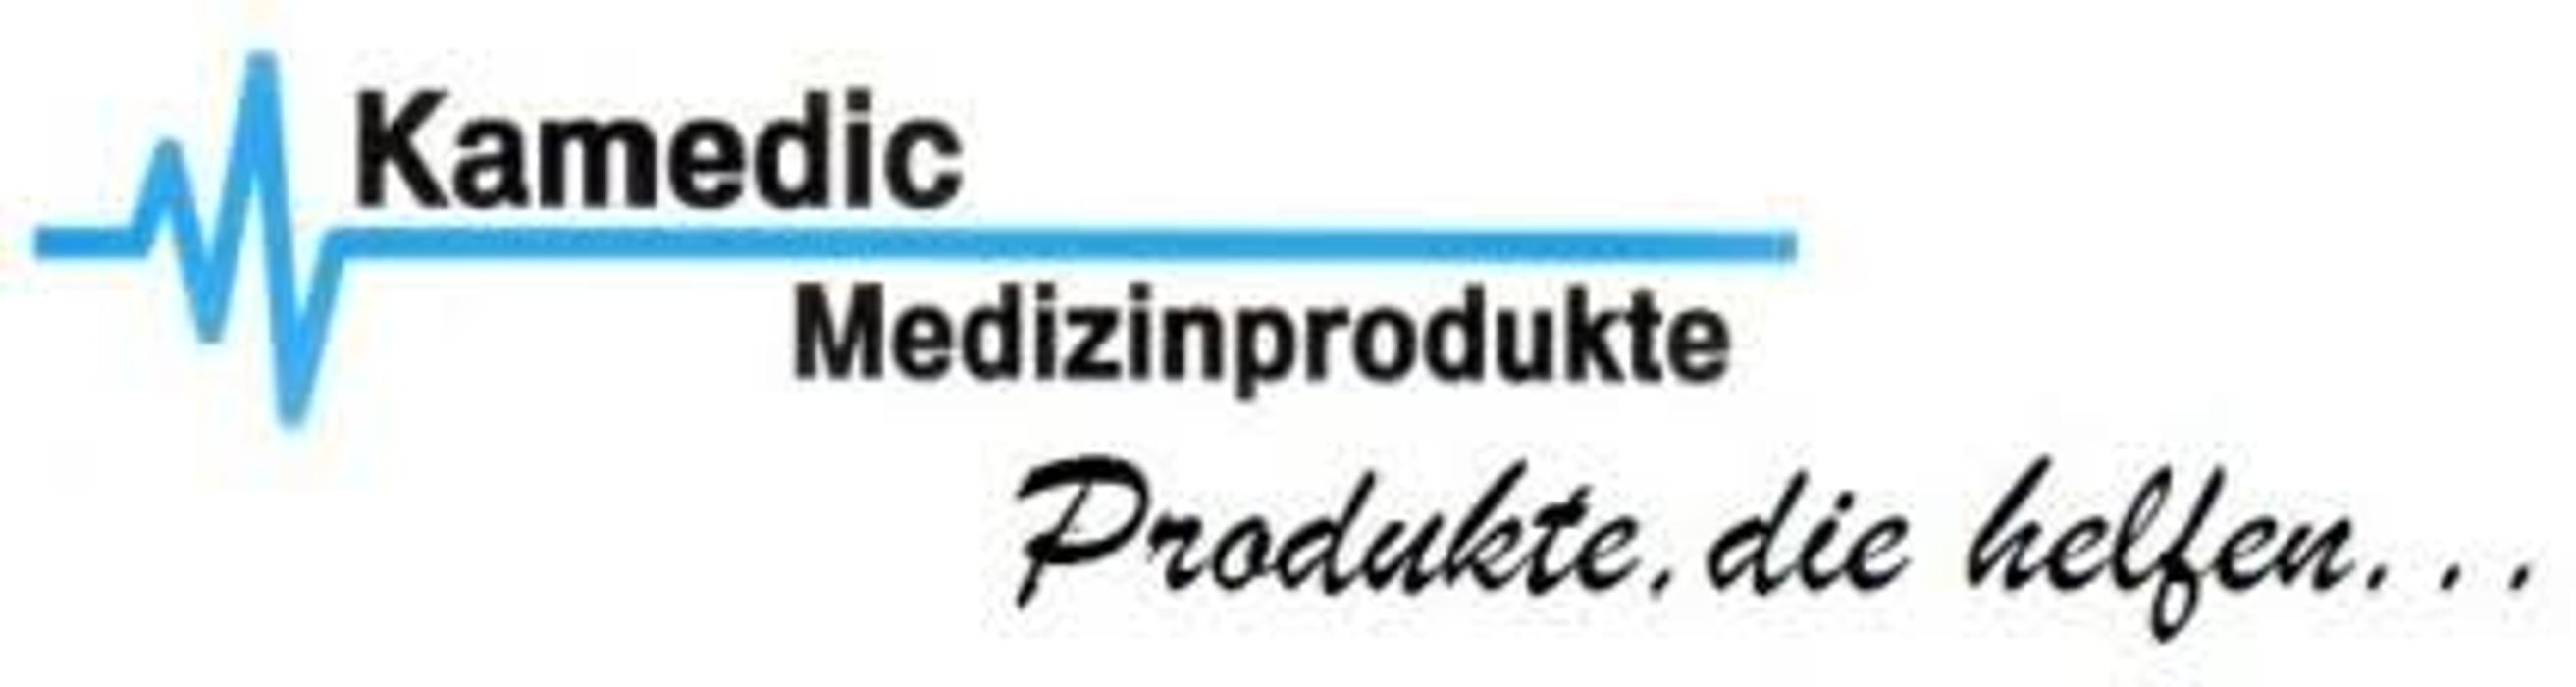 Bild zu Kamedic-Medizinprodukte in Sankt Wendel